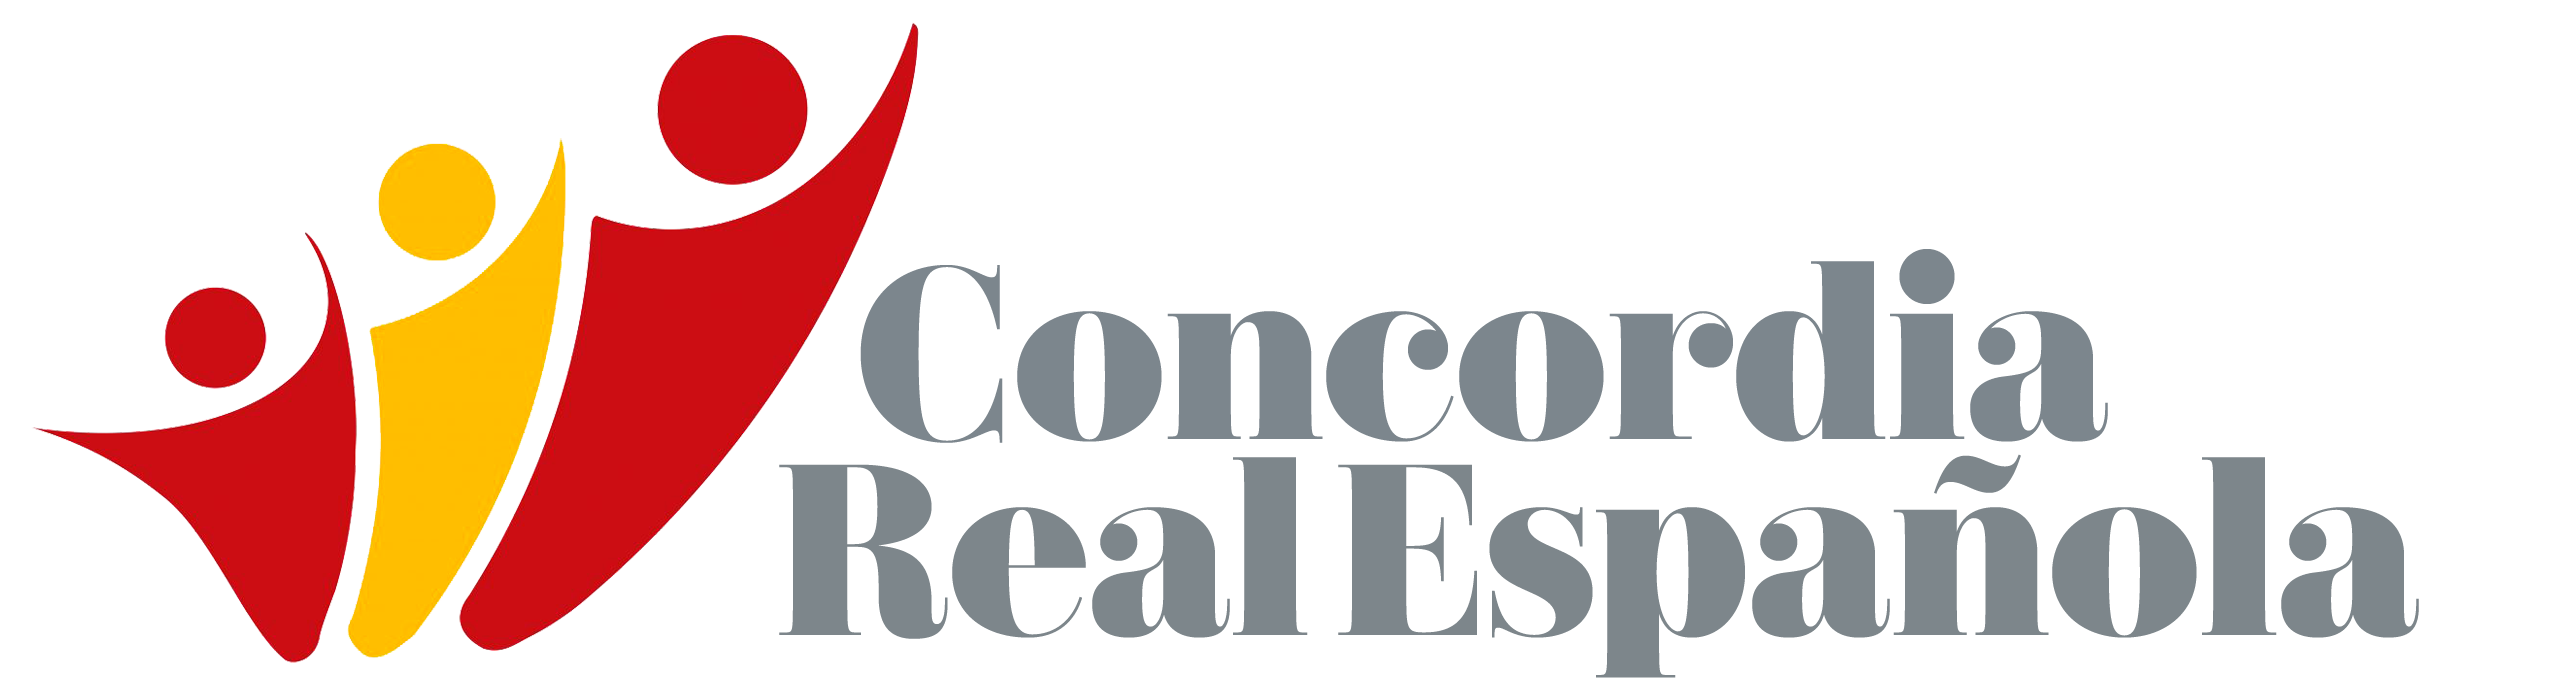 CONCORDIA REAL ESPAÑOLA